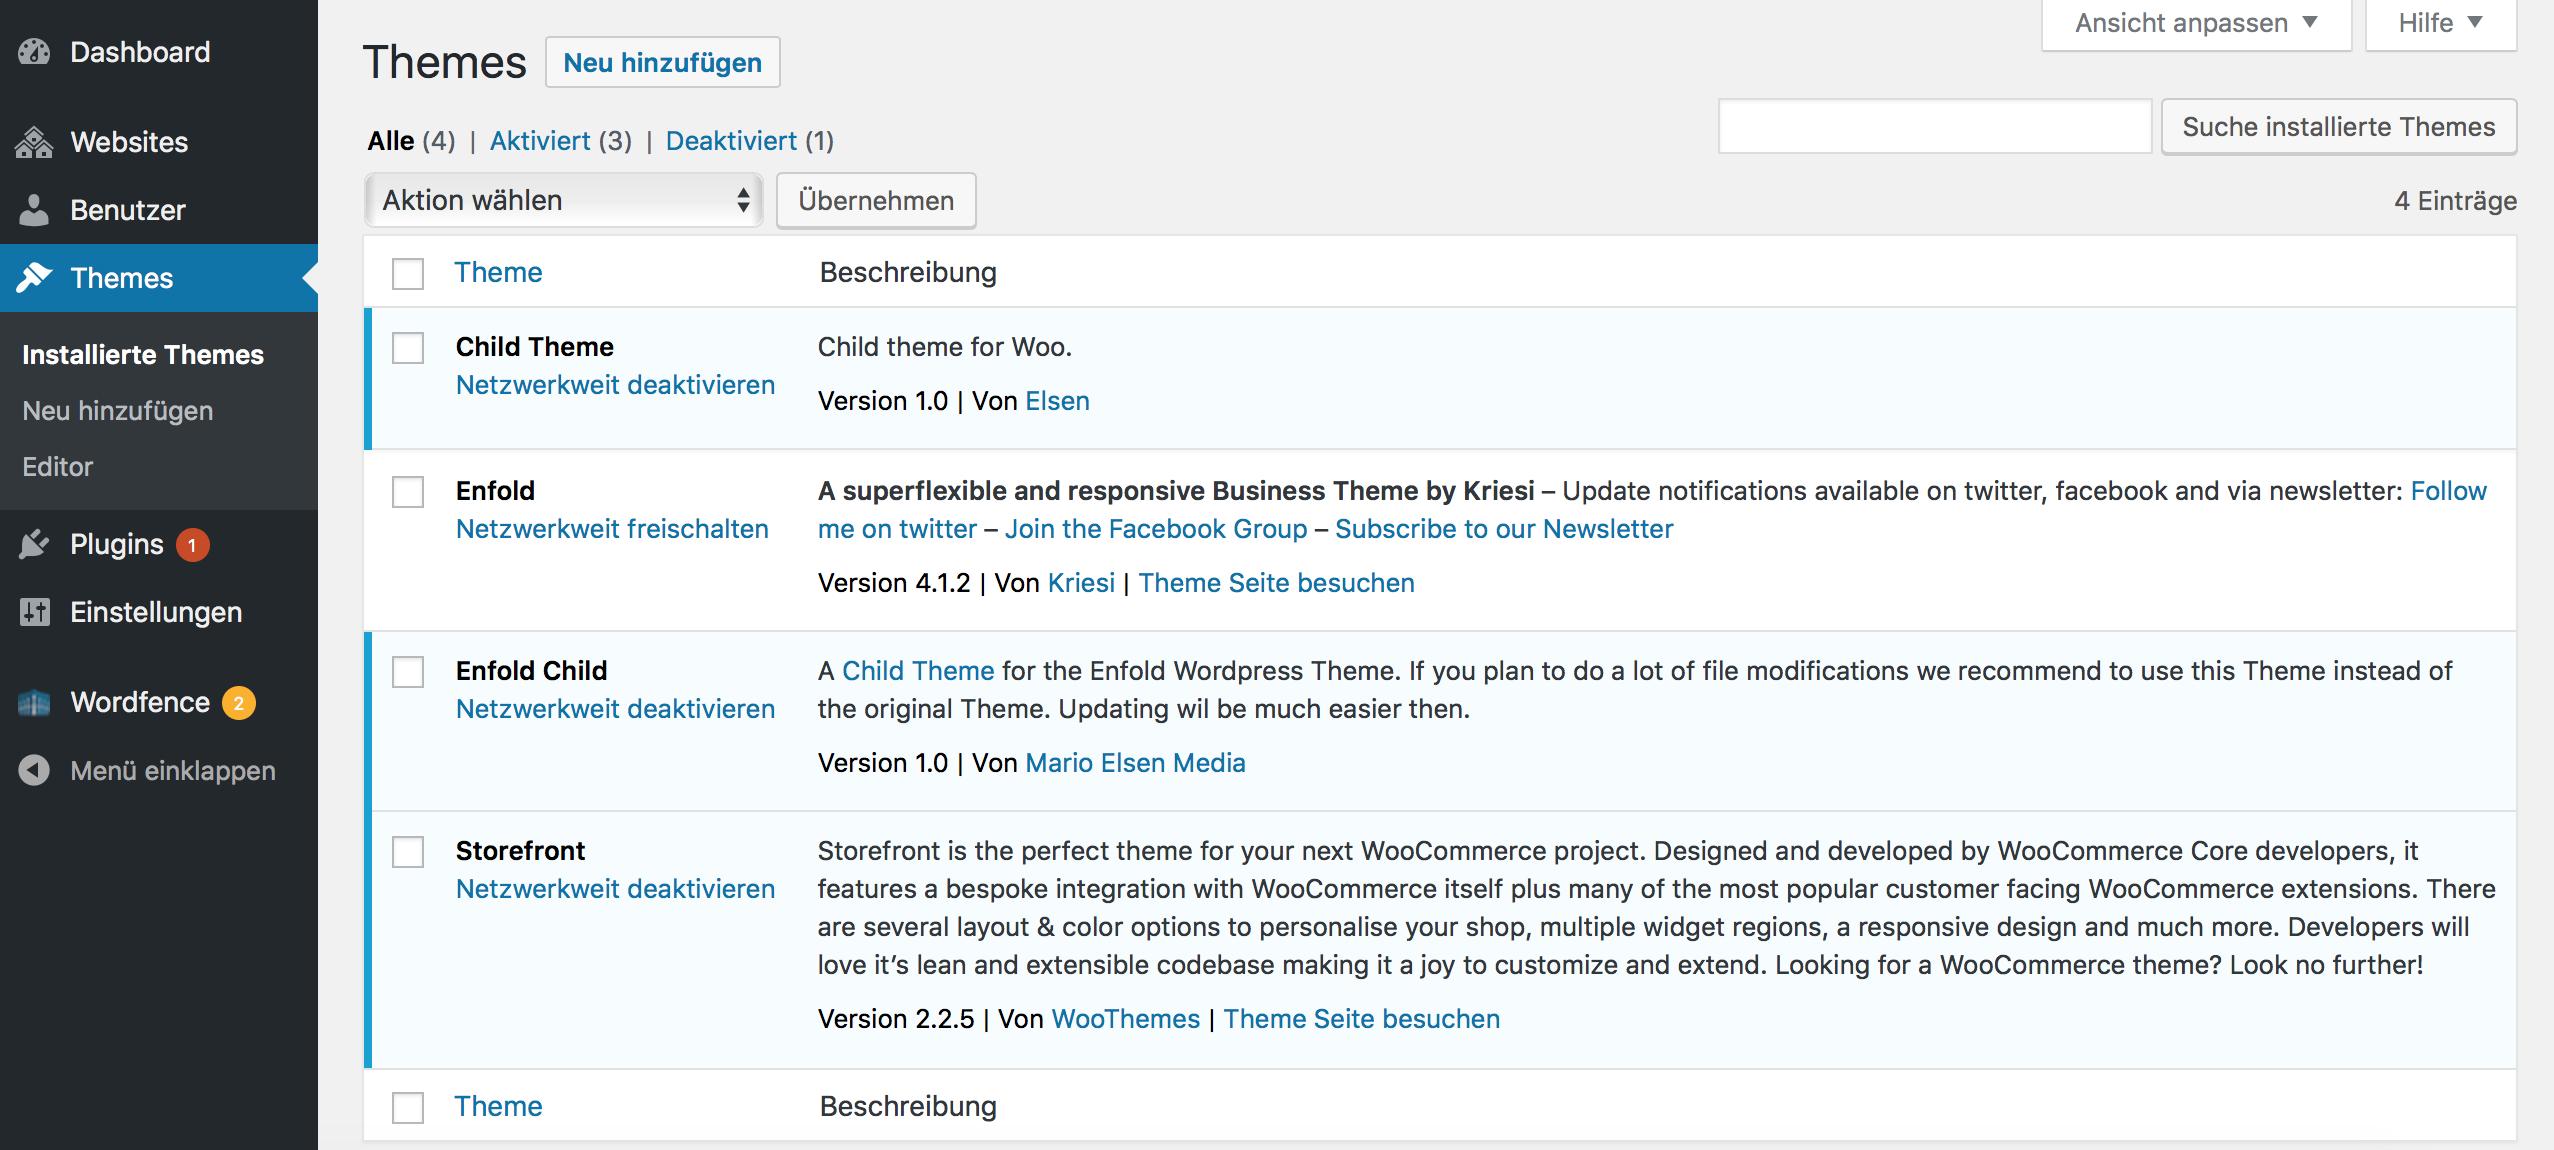 WordPress Multisite Themes installieren und aktivieren